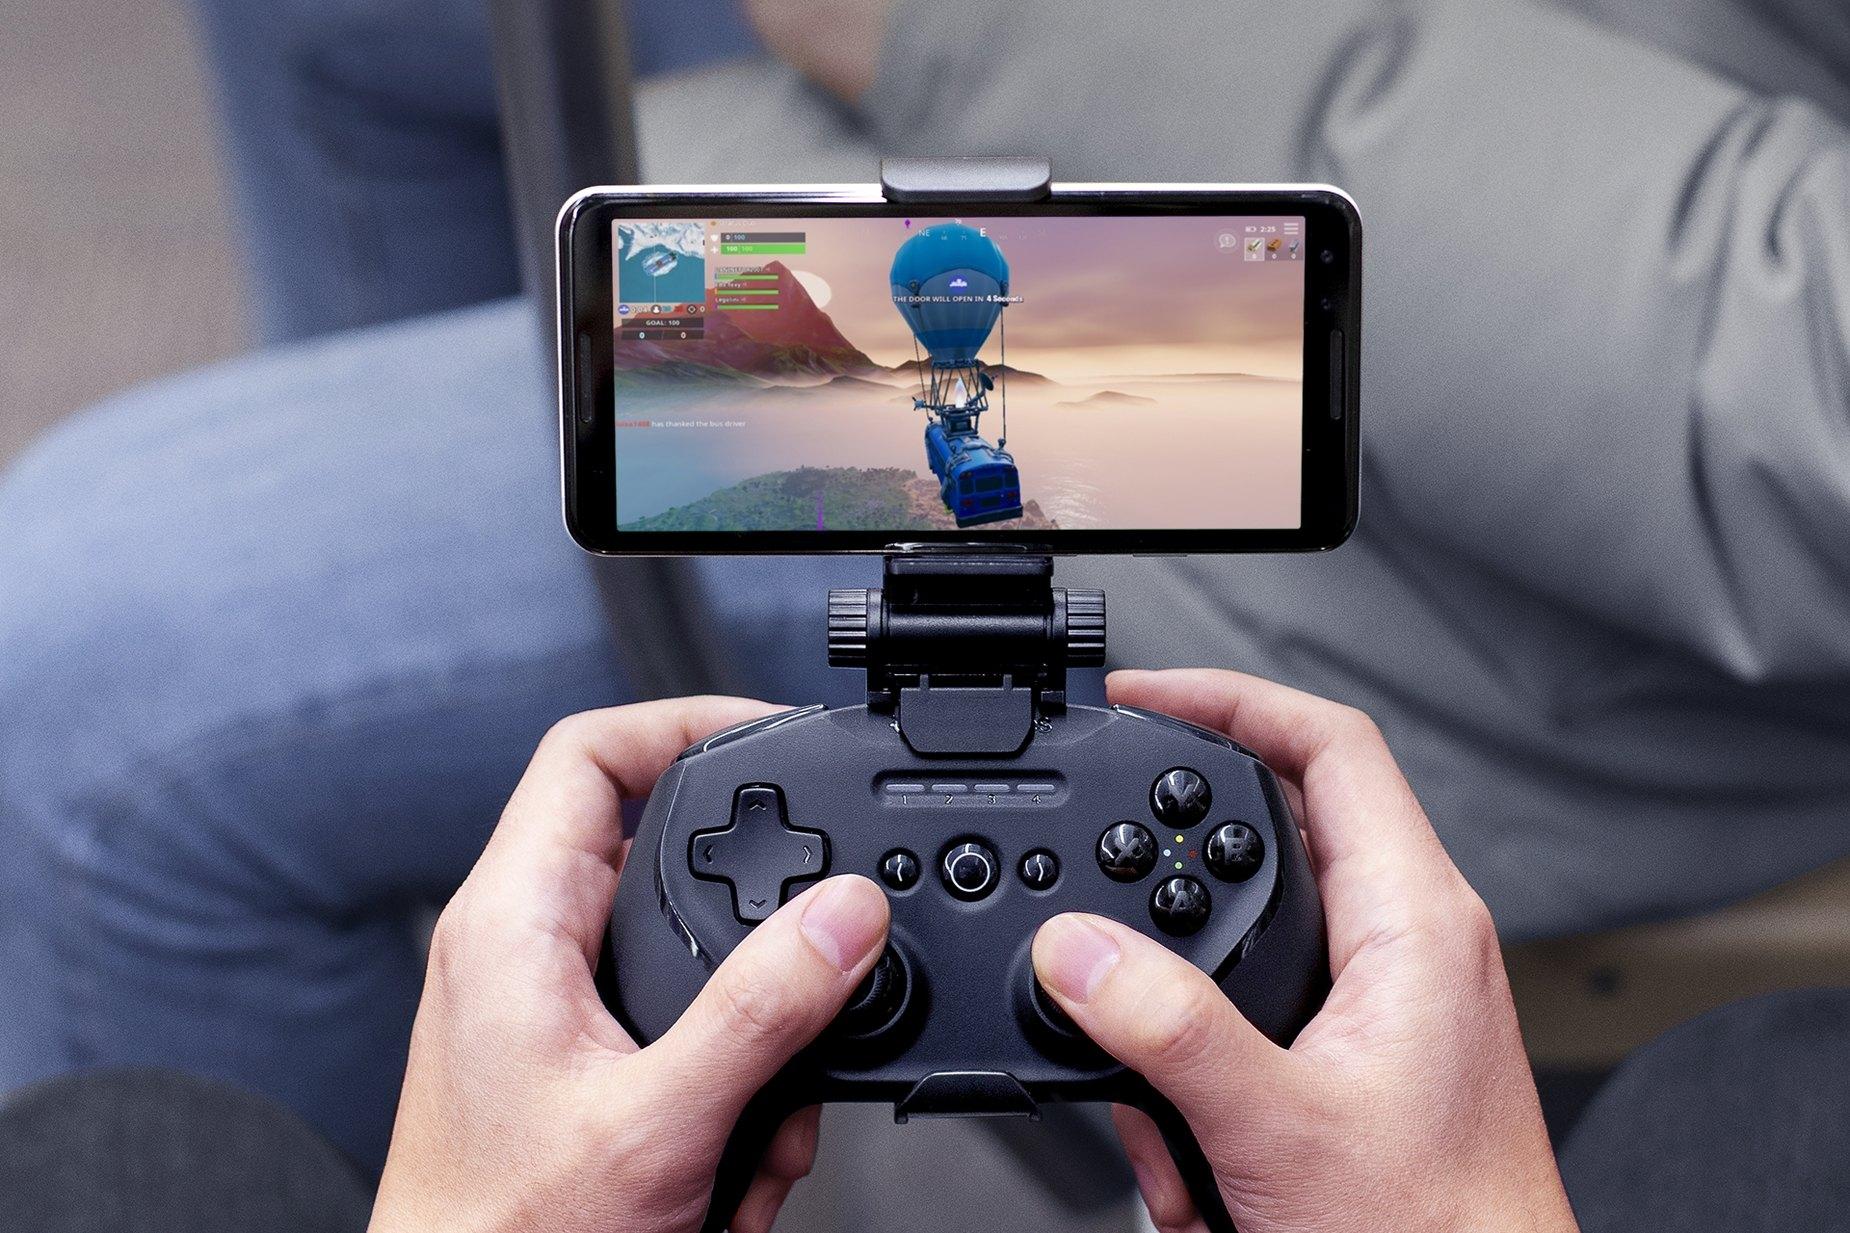 モバイル版FortniteをスマートフォンでプレイするためにSmartGripアタッチメントを取り付けたStratus Duoコントローラーを握っている両手